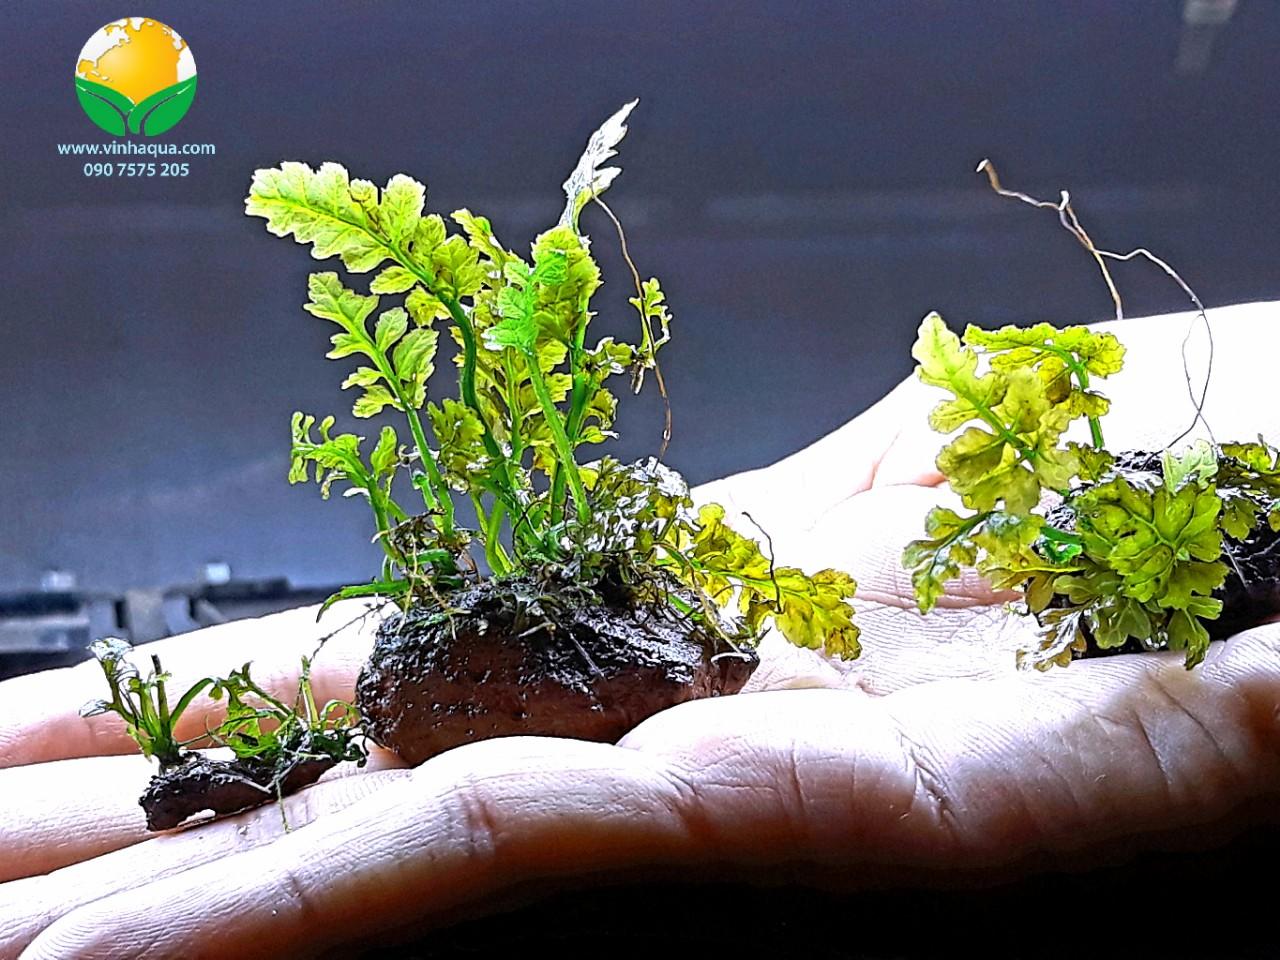 Cây thủy sinh dương xỉ lá ổi từ nhỏ đến lớn